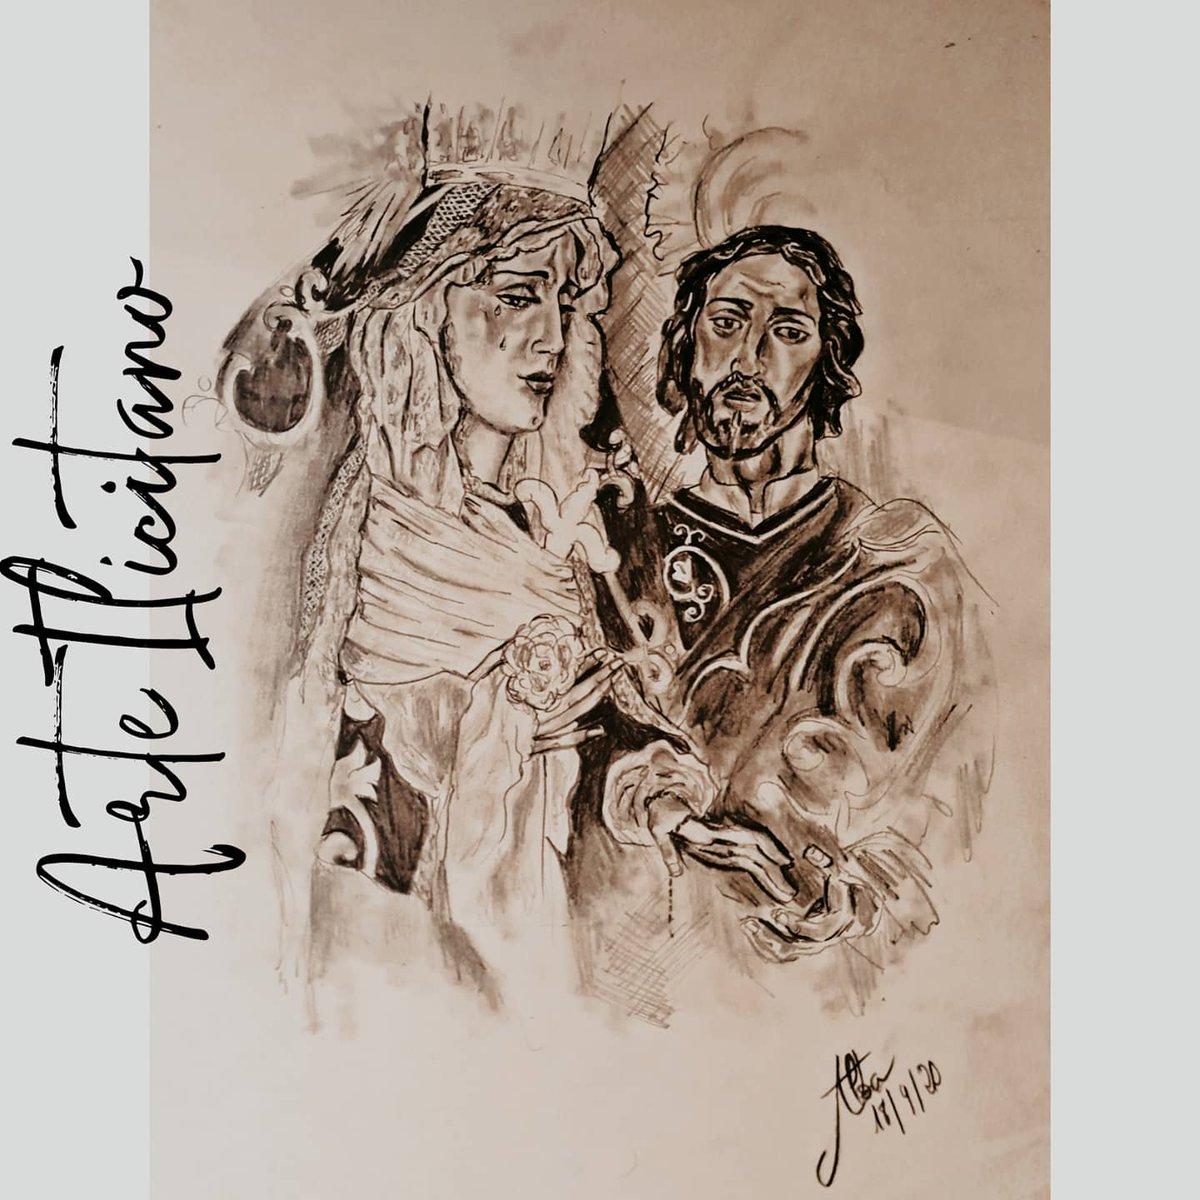 María Stma de Gracia y Amparo junto con San Juan Evangelista. Grafito sobre cartulina A3. @HdadJavieres #Arte #ArteIlicitano #Grafito #SemanaSanta #SevillaCofrade #LosJavieres #Sevilla #MartesSanto https://t.co/JnoJpcSAaC